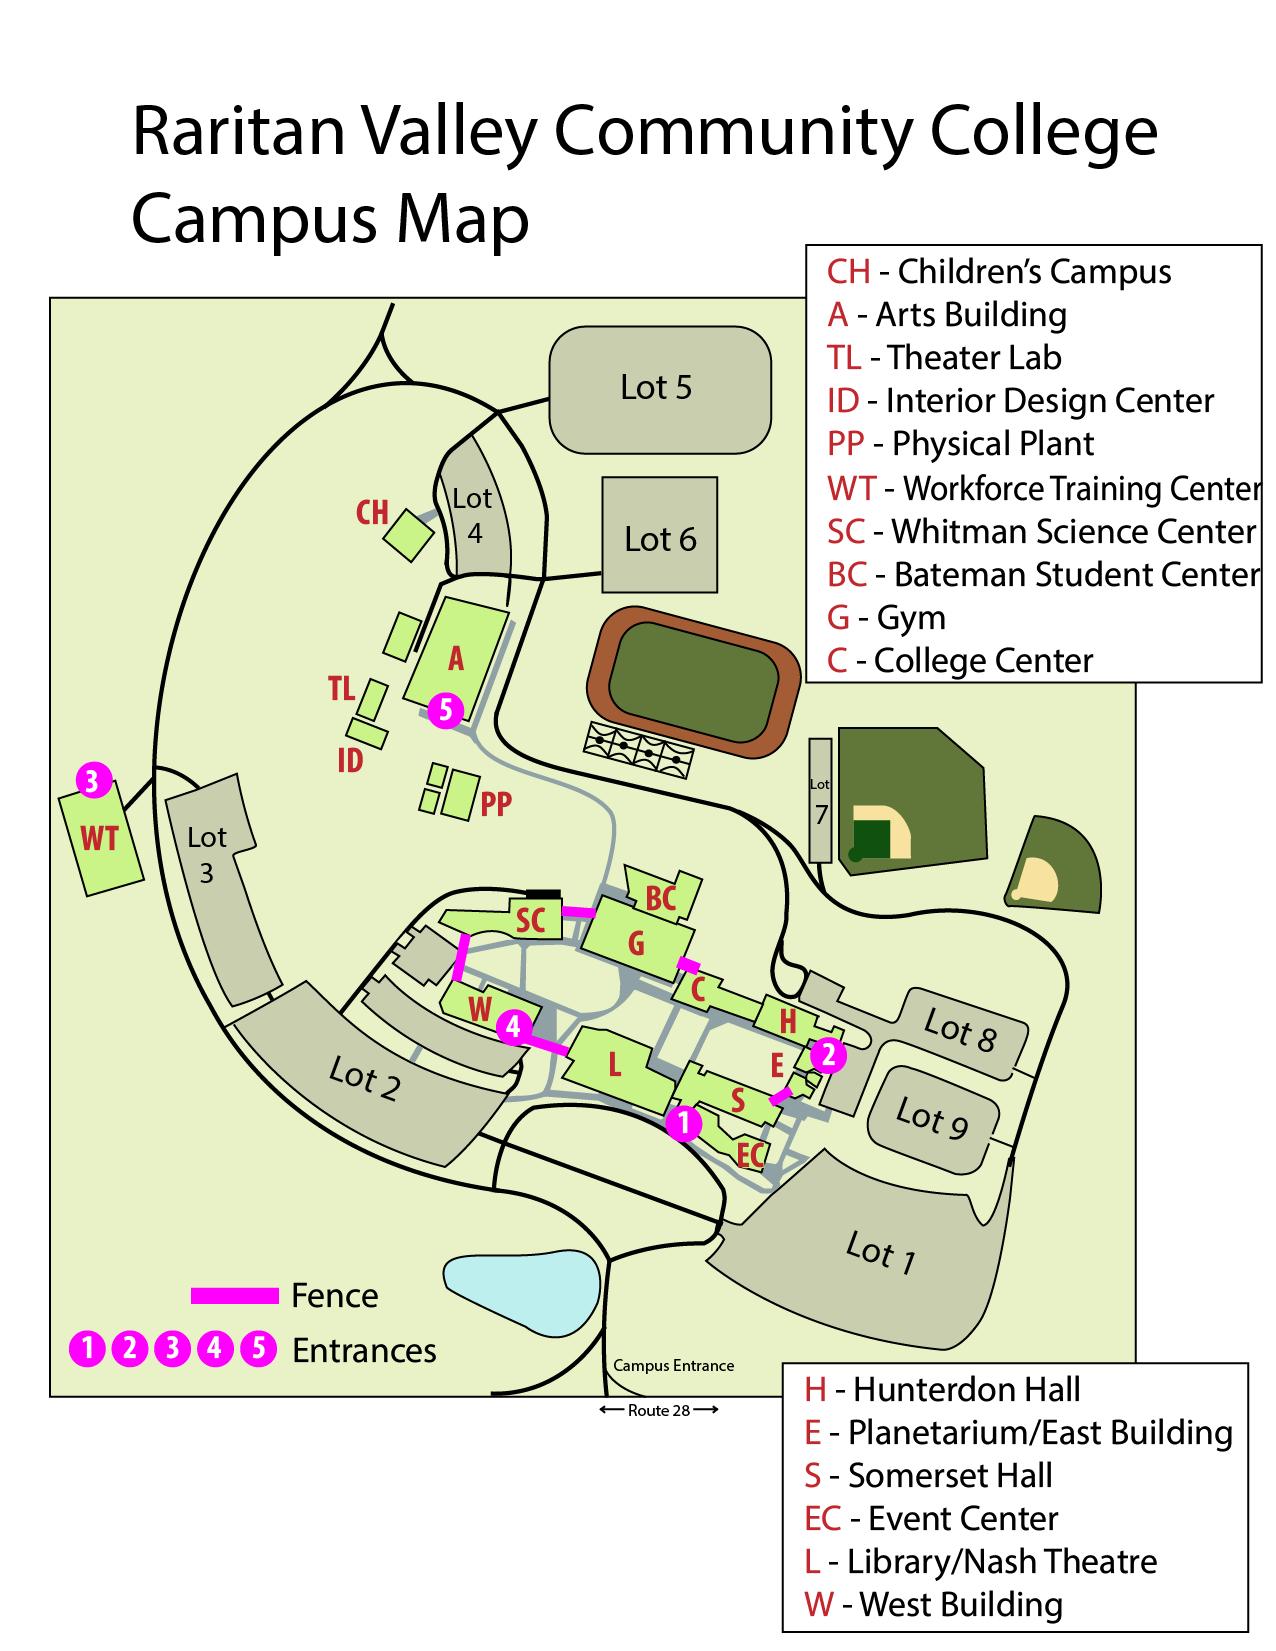 Capus map